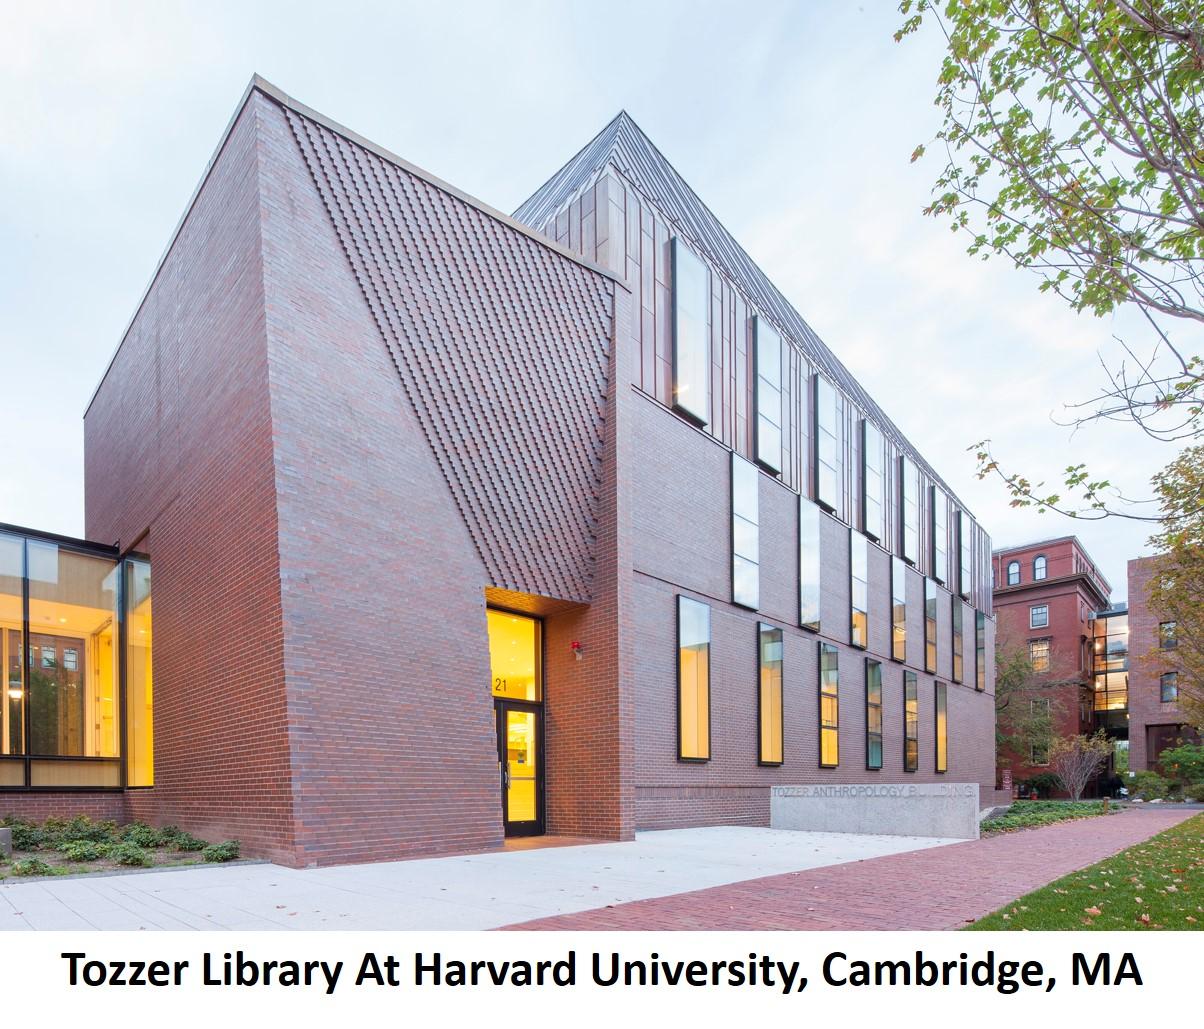 Tozzer Library At Harvard University Cambridge MA